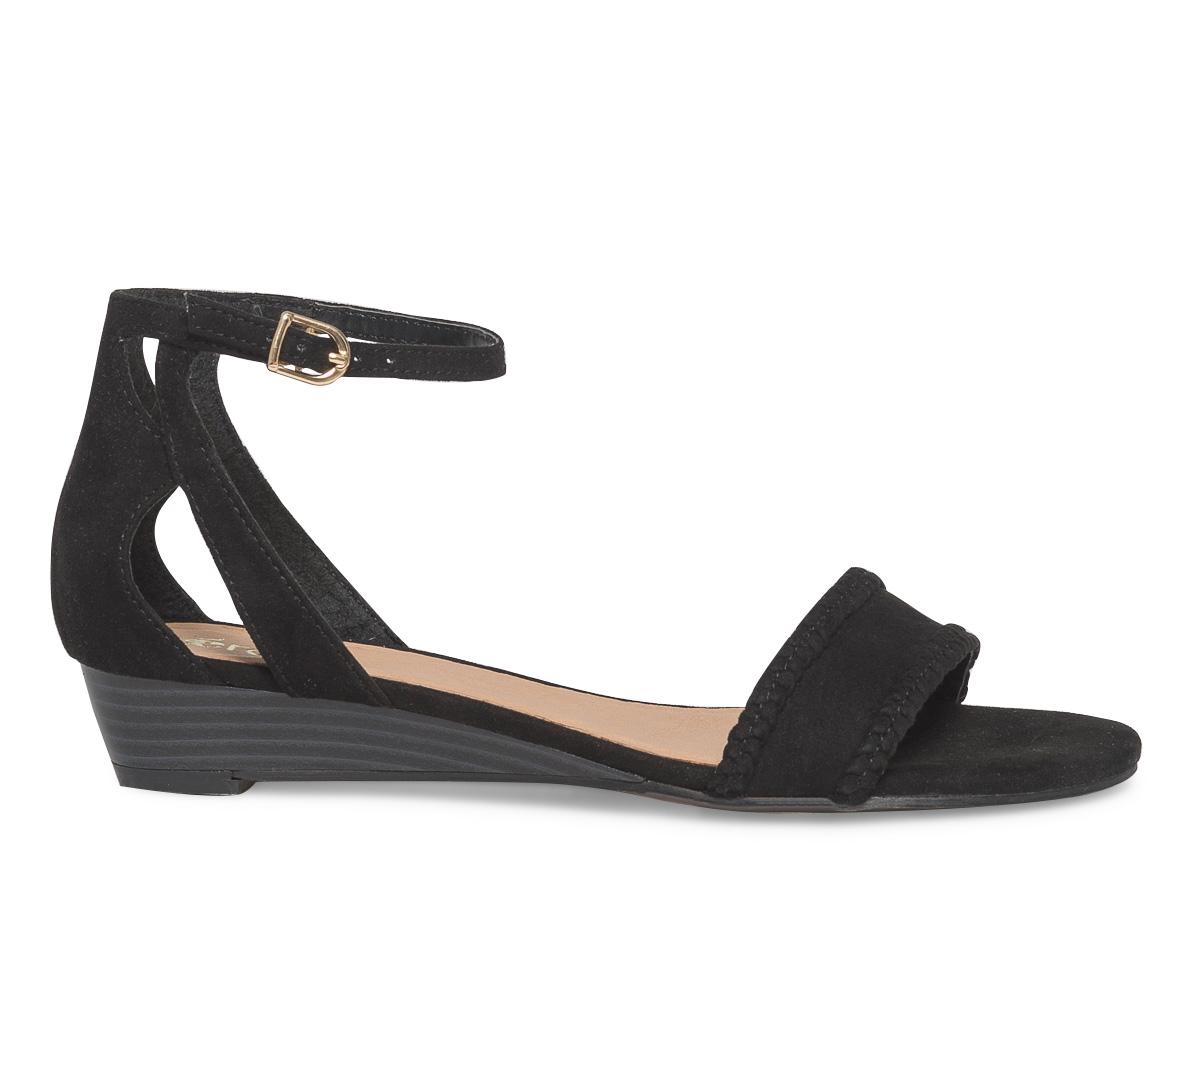 Sandale Eram Noire Compensée Noire Eram Sandale Noire Compensée Sandale Compensée Eram Eram b7gyvfY6